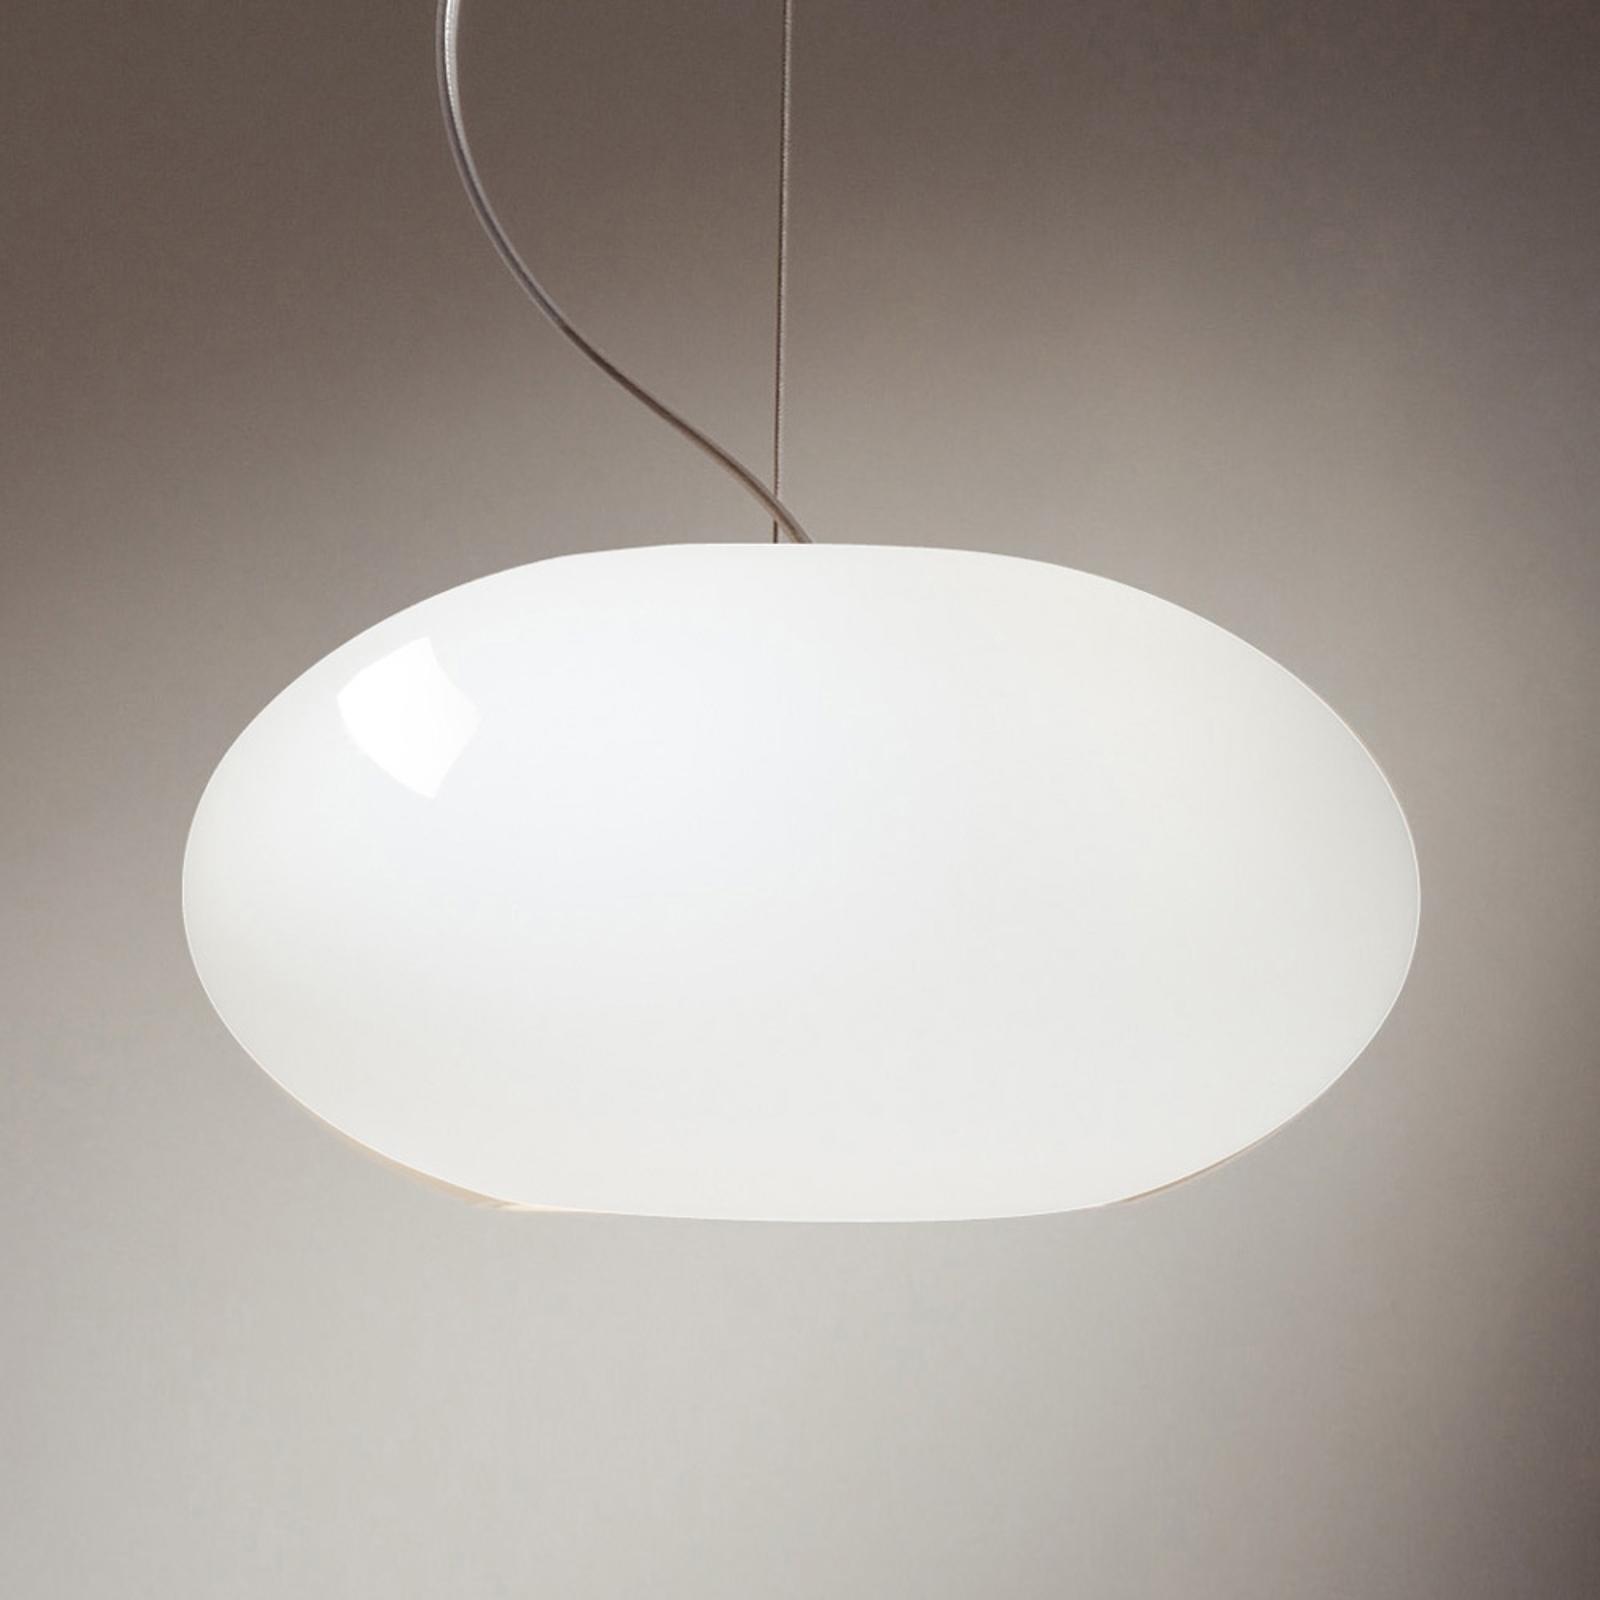 AIH - puristisk hængelampe 28 cm hvid skinnende